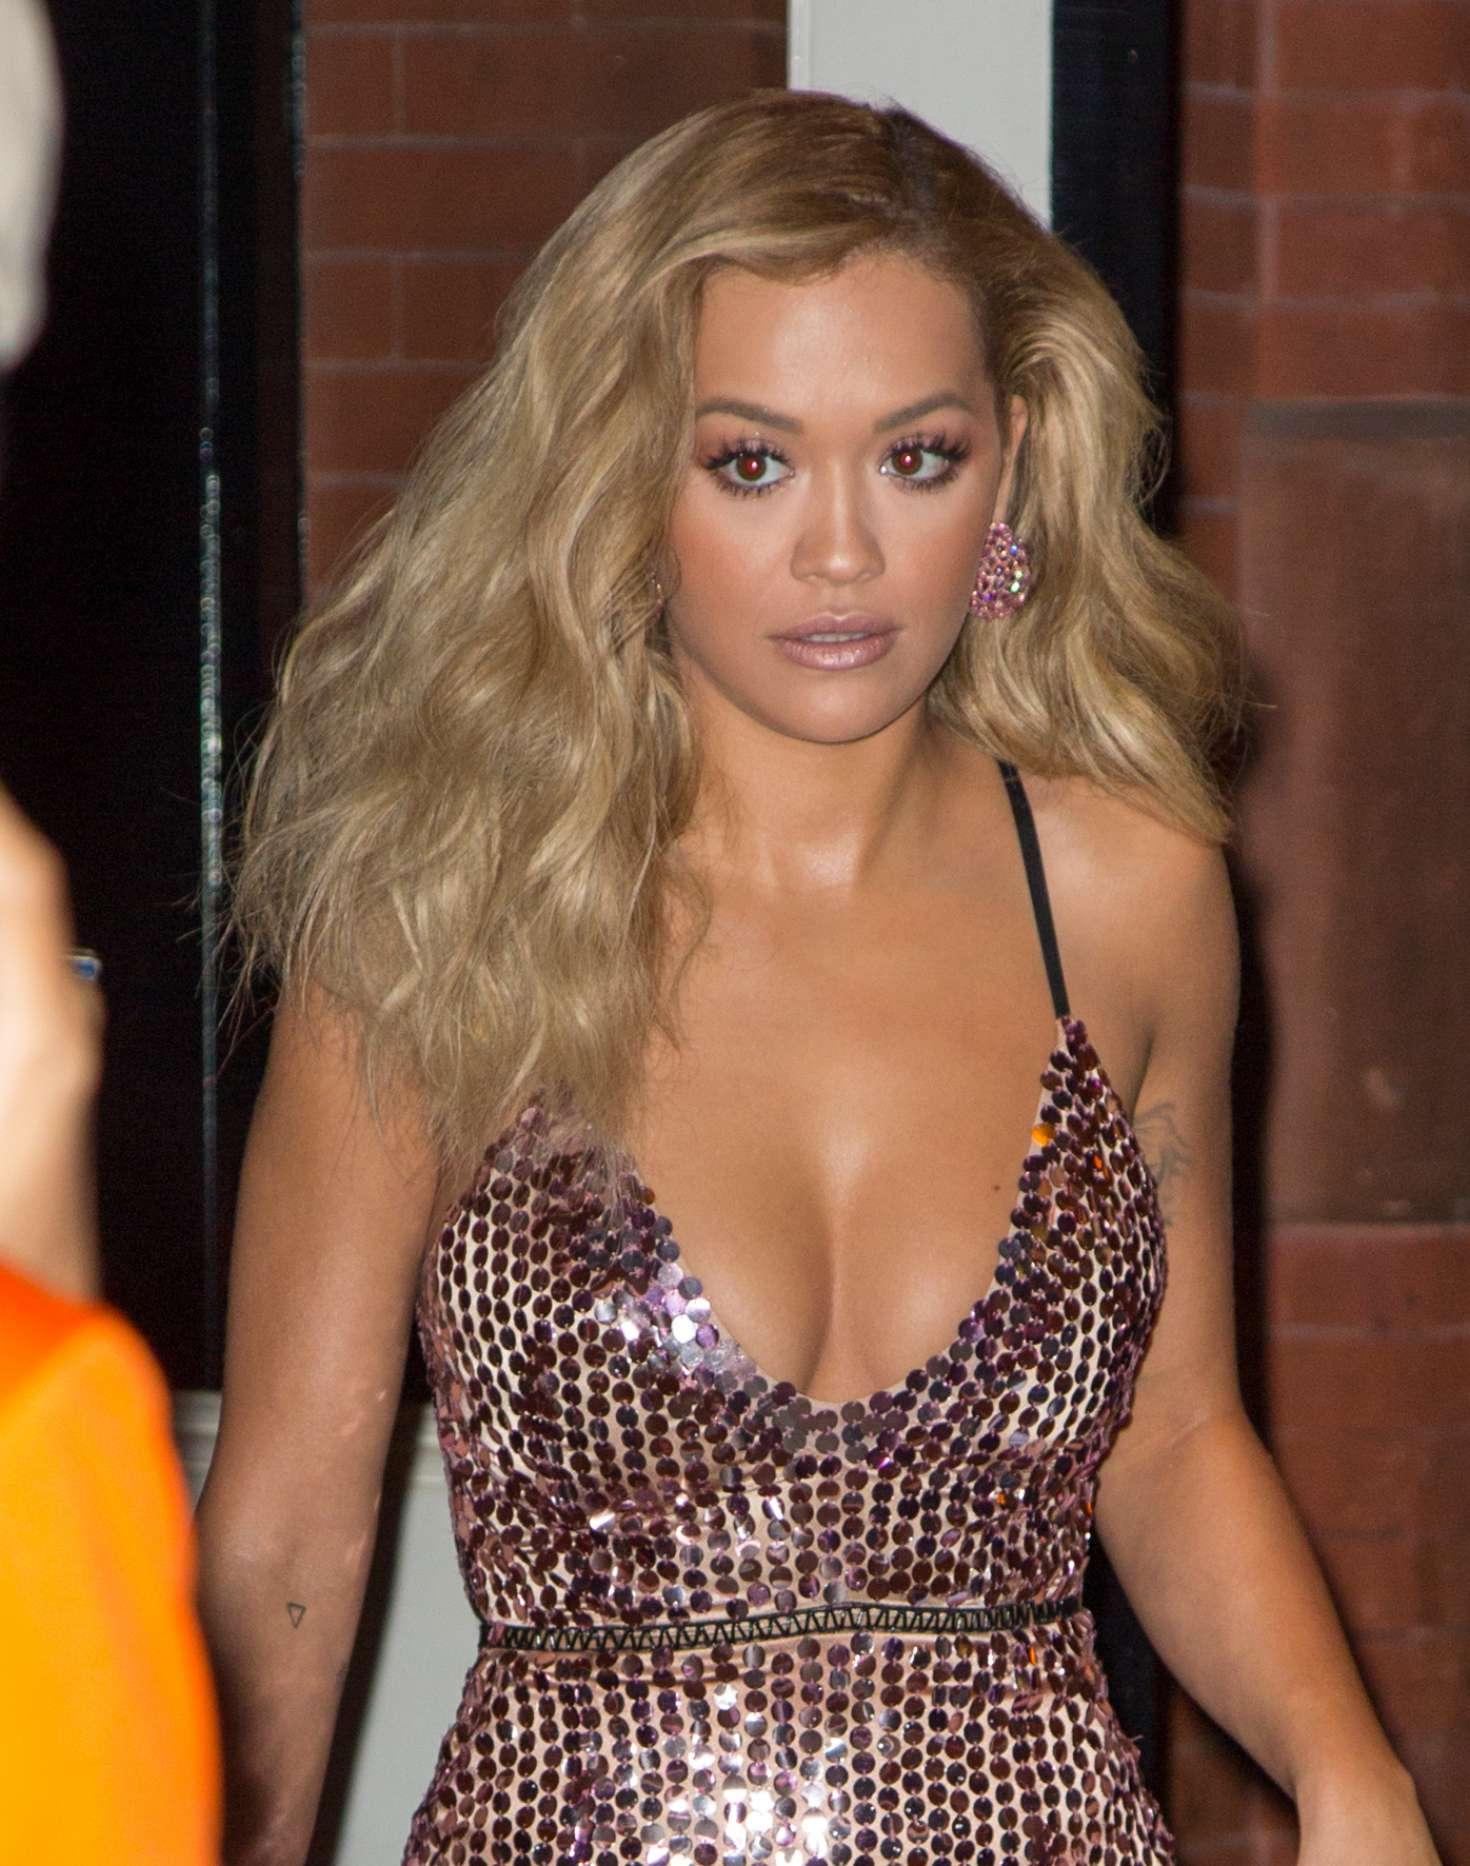 Rita Ora Leaves Mercer hotel in SoHo